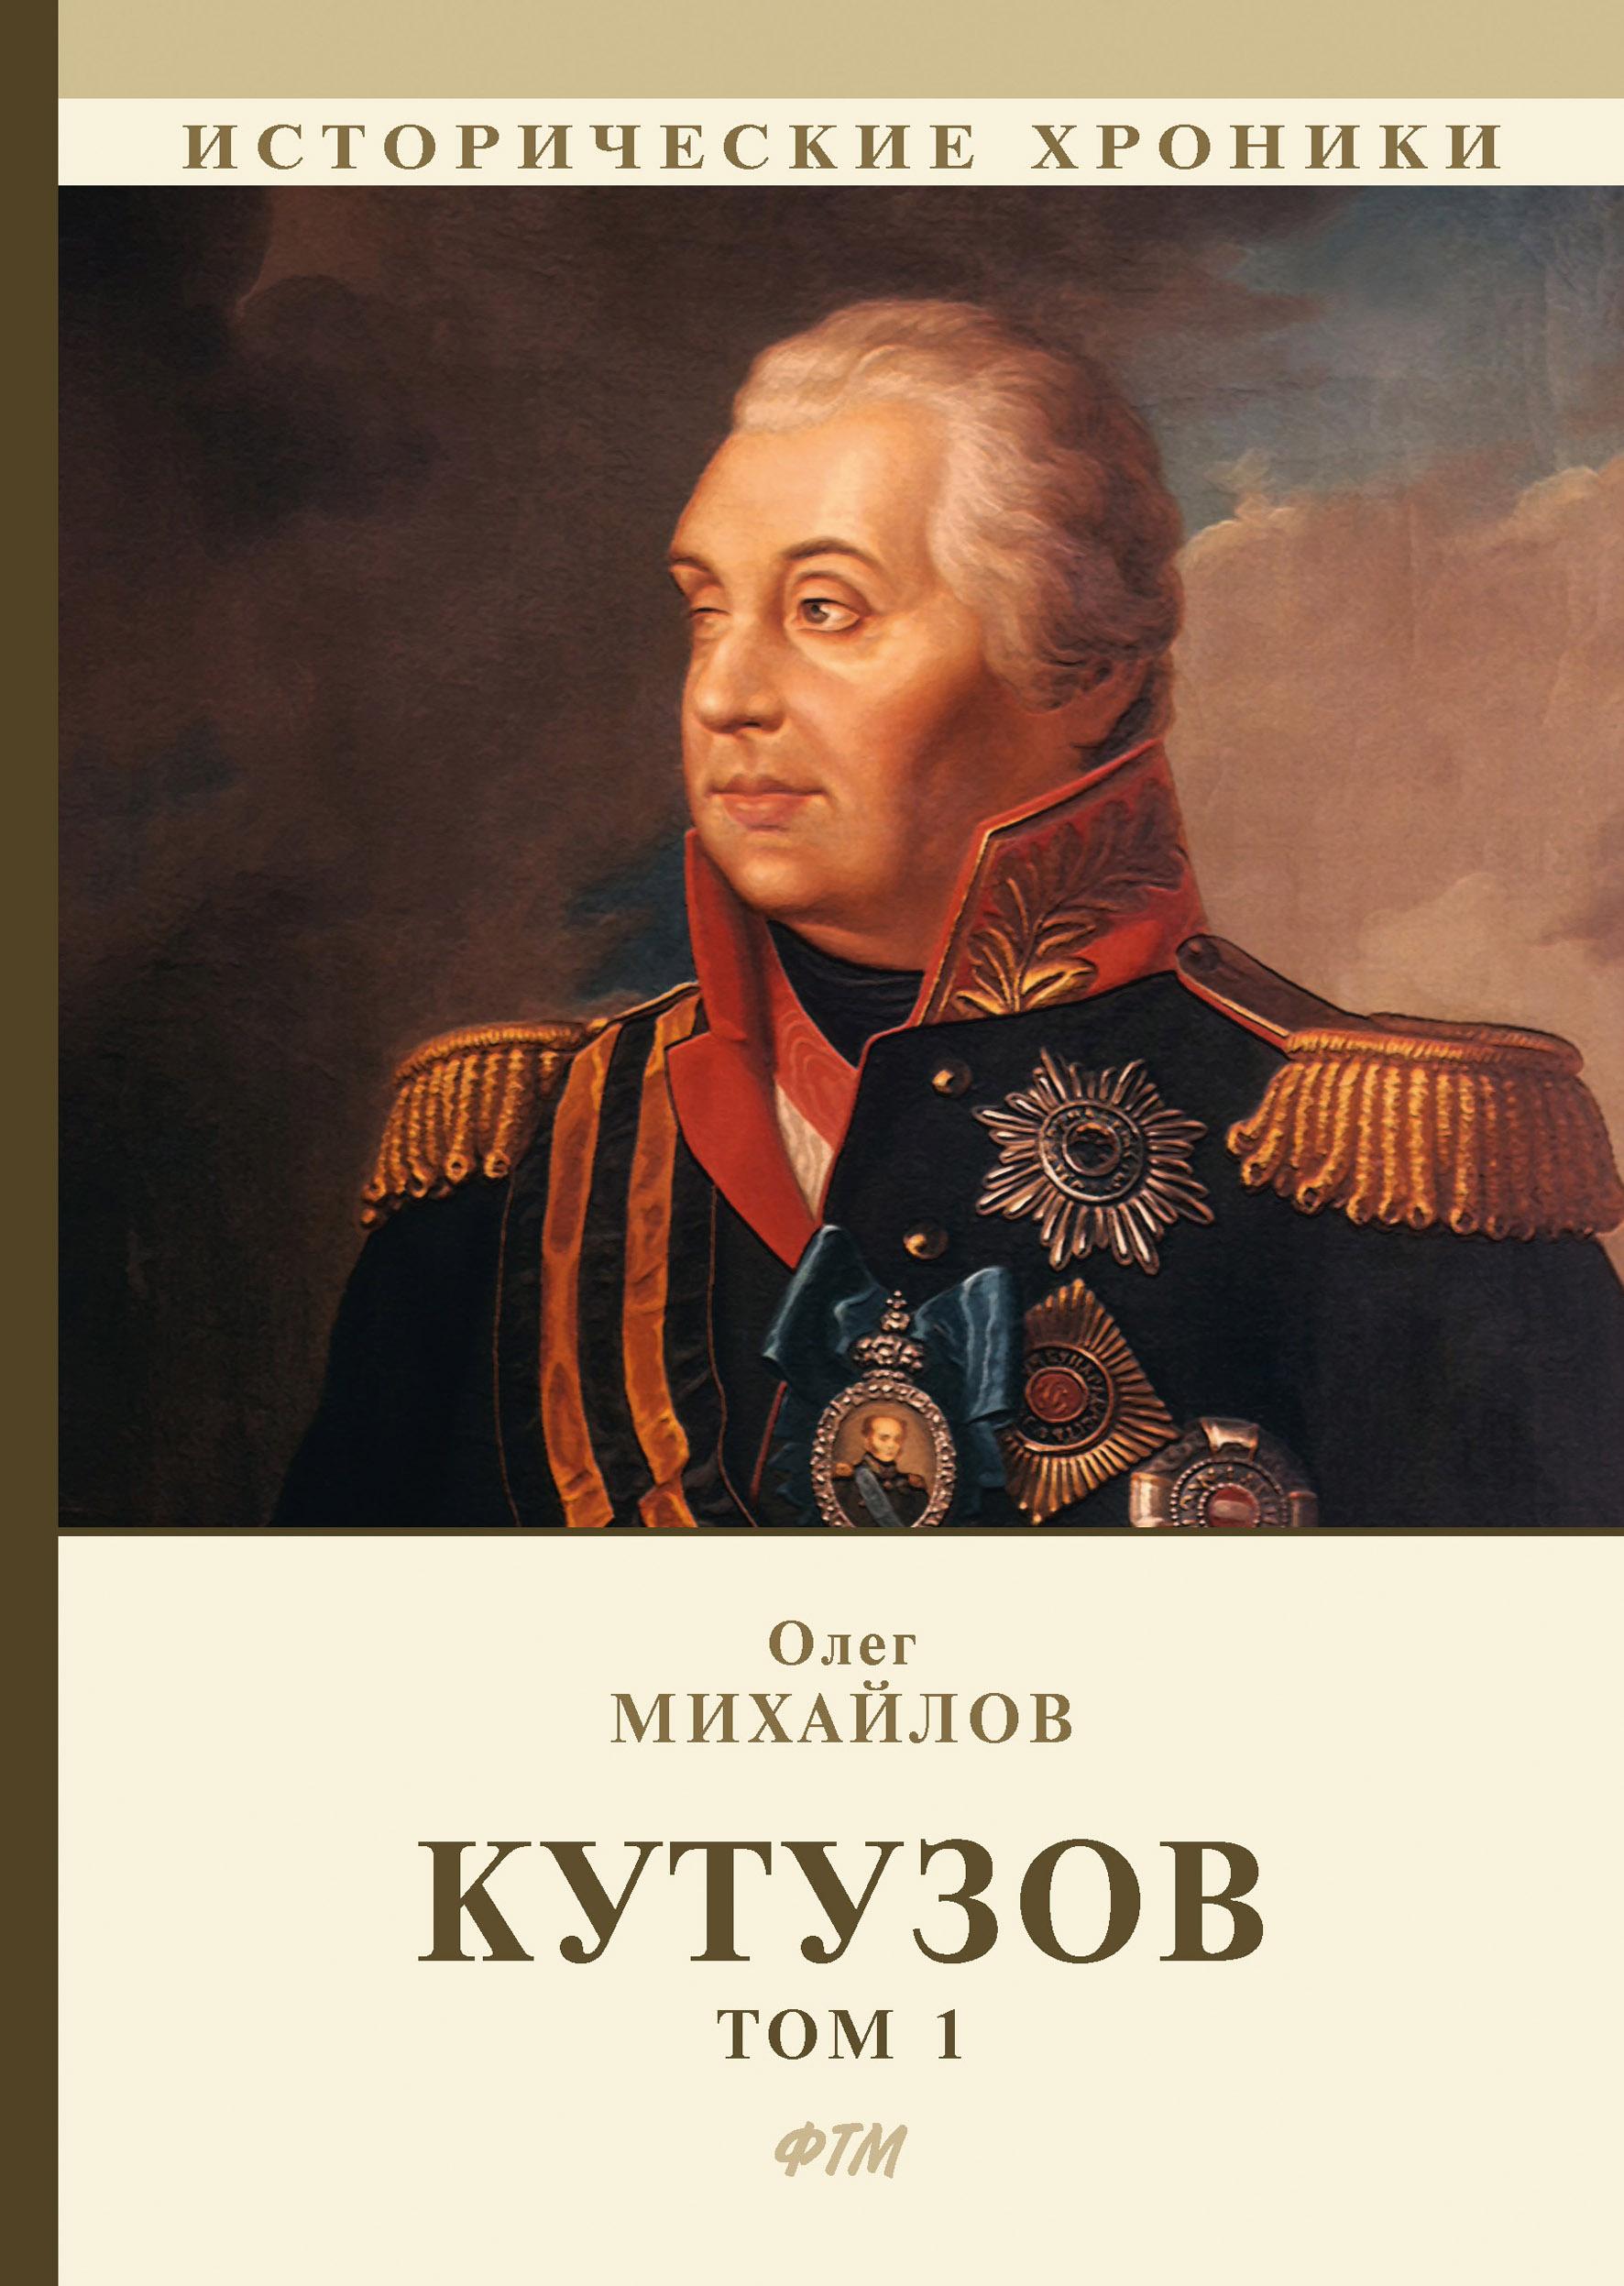 Кутузов. В 2 томах. Том 1. Олег Михайлов